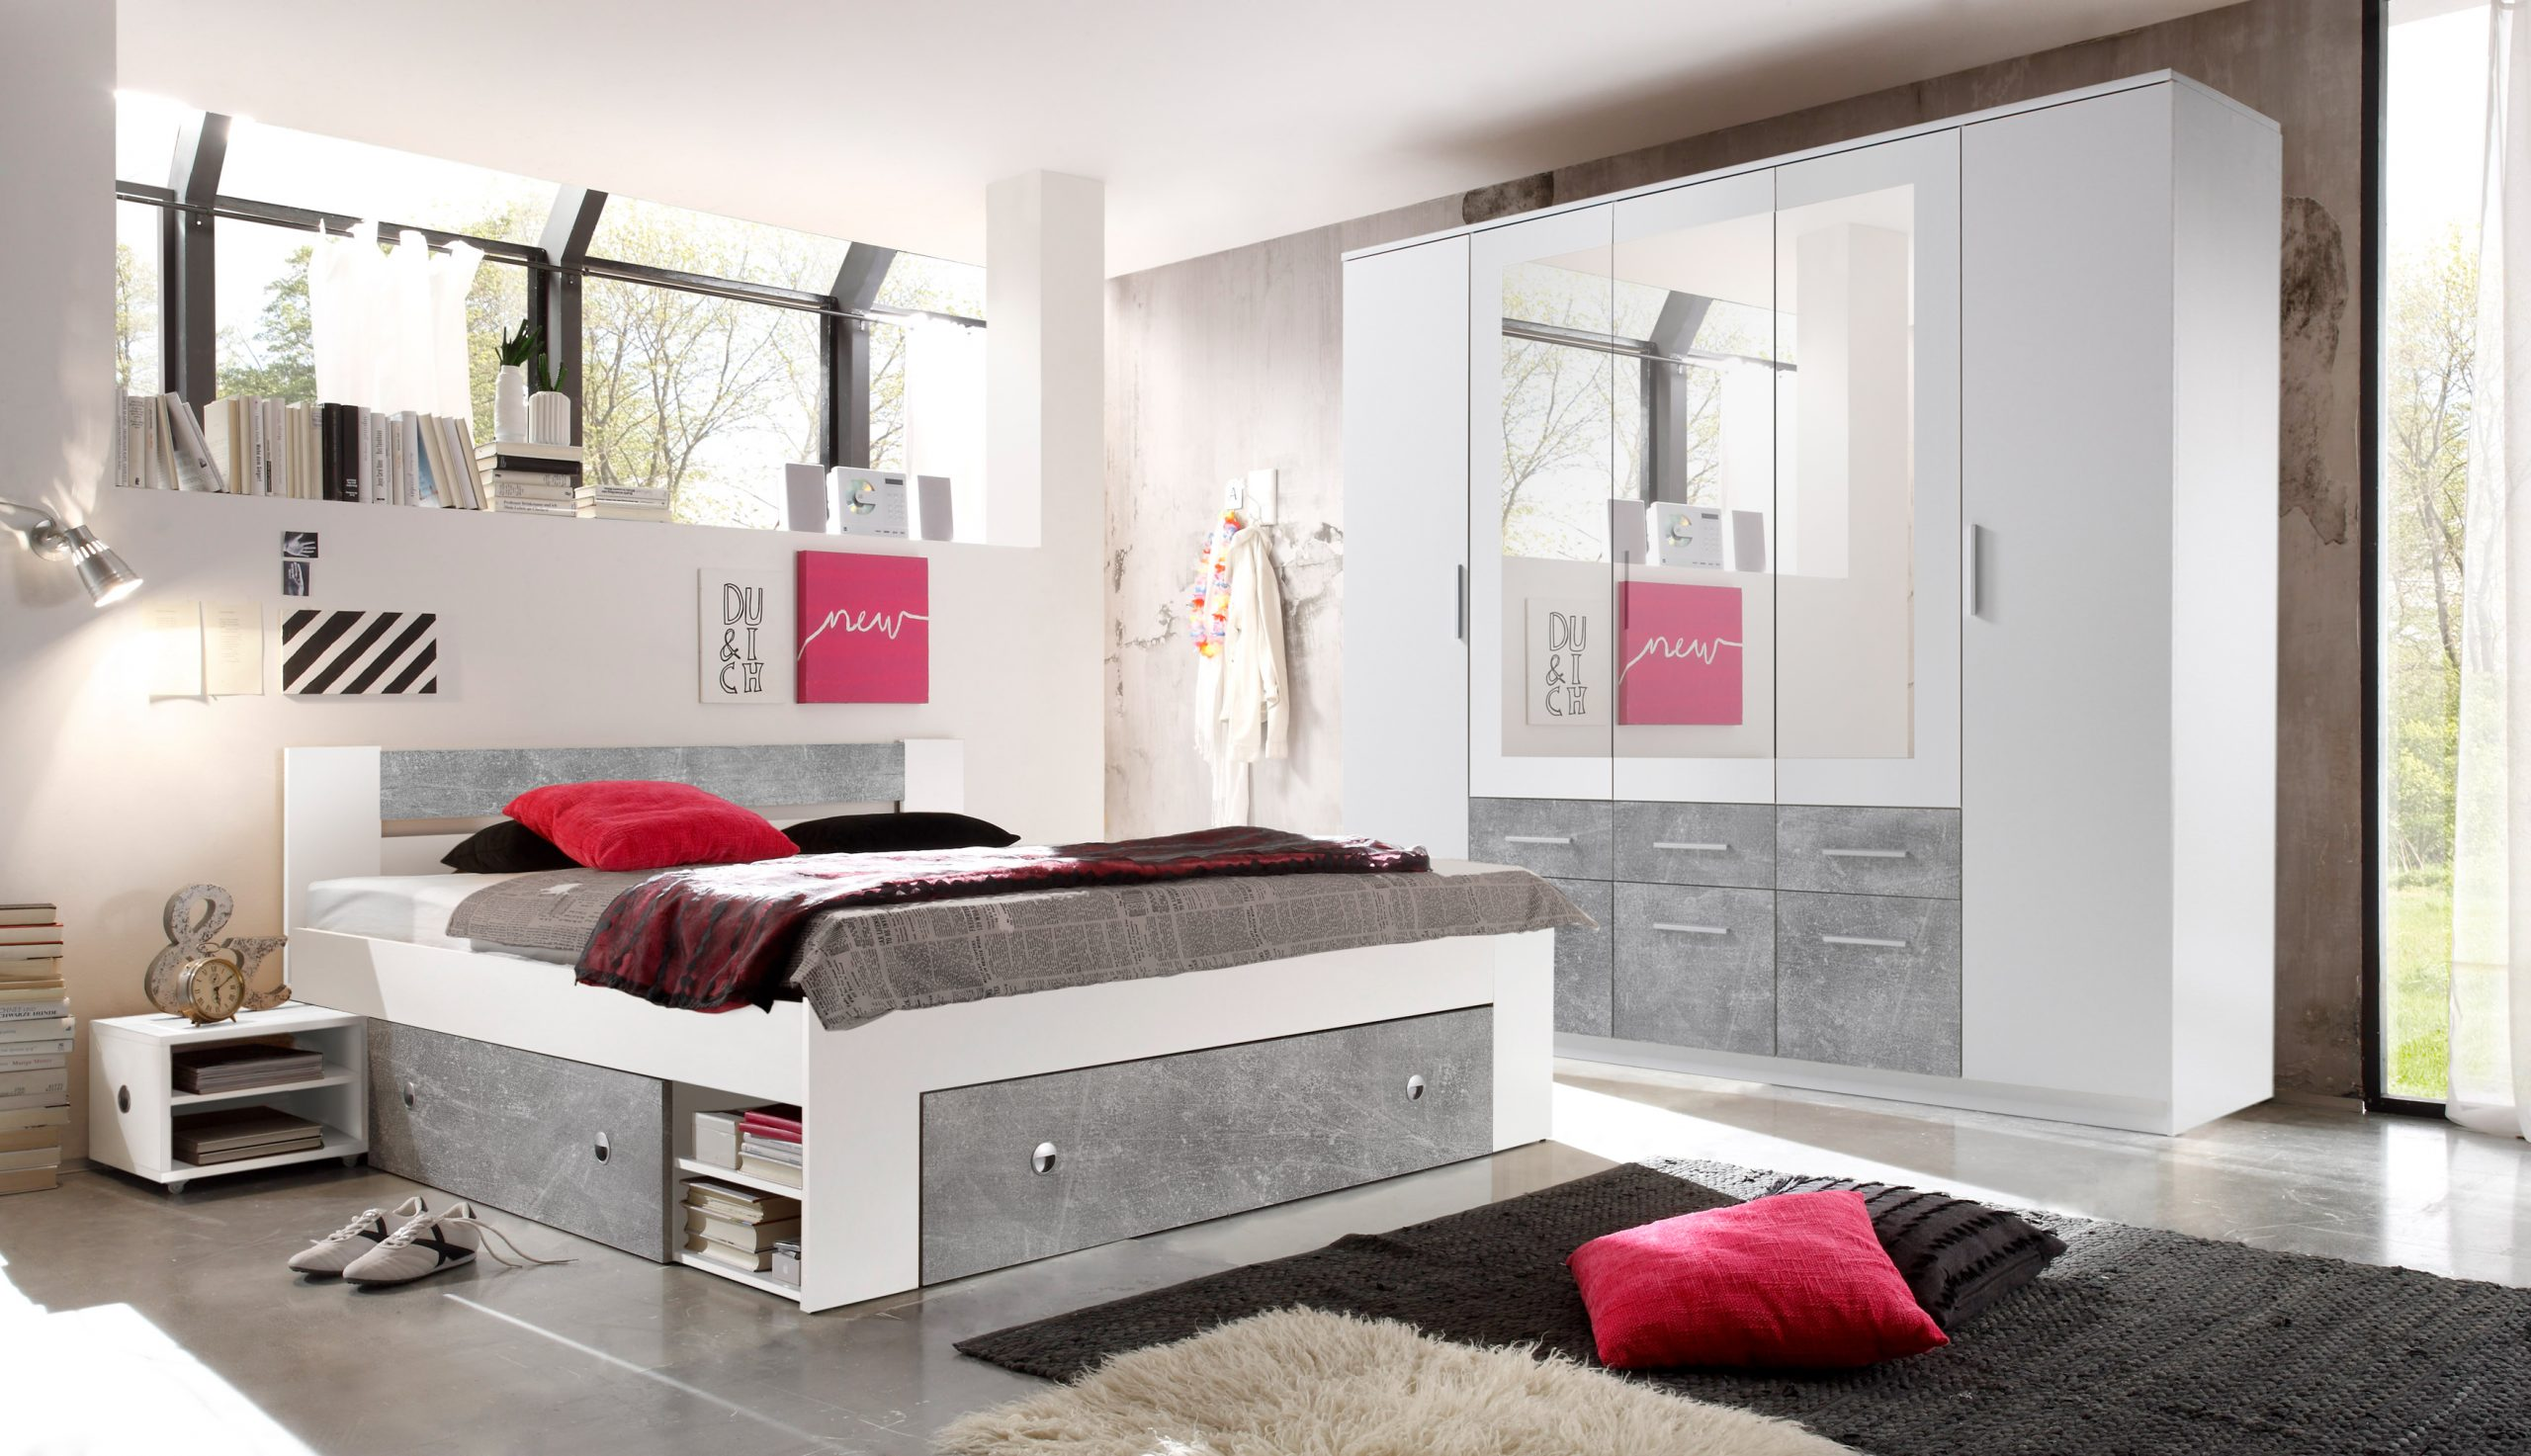 Full Size of Schlafzimmer Komplett 140x200 Teppich Wandleuchte Deckenleuchte Truhe Komplettes Dusche Set Günstige Fenster Deckenleuchten Komplette Massivholz Schränke Schlafzimmer Günstige Schlafzimmer Komplett